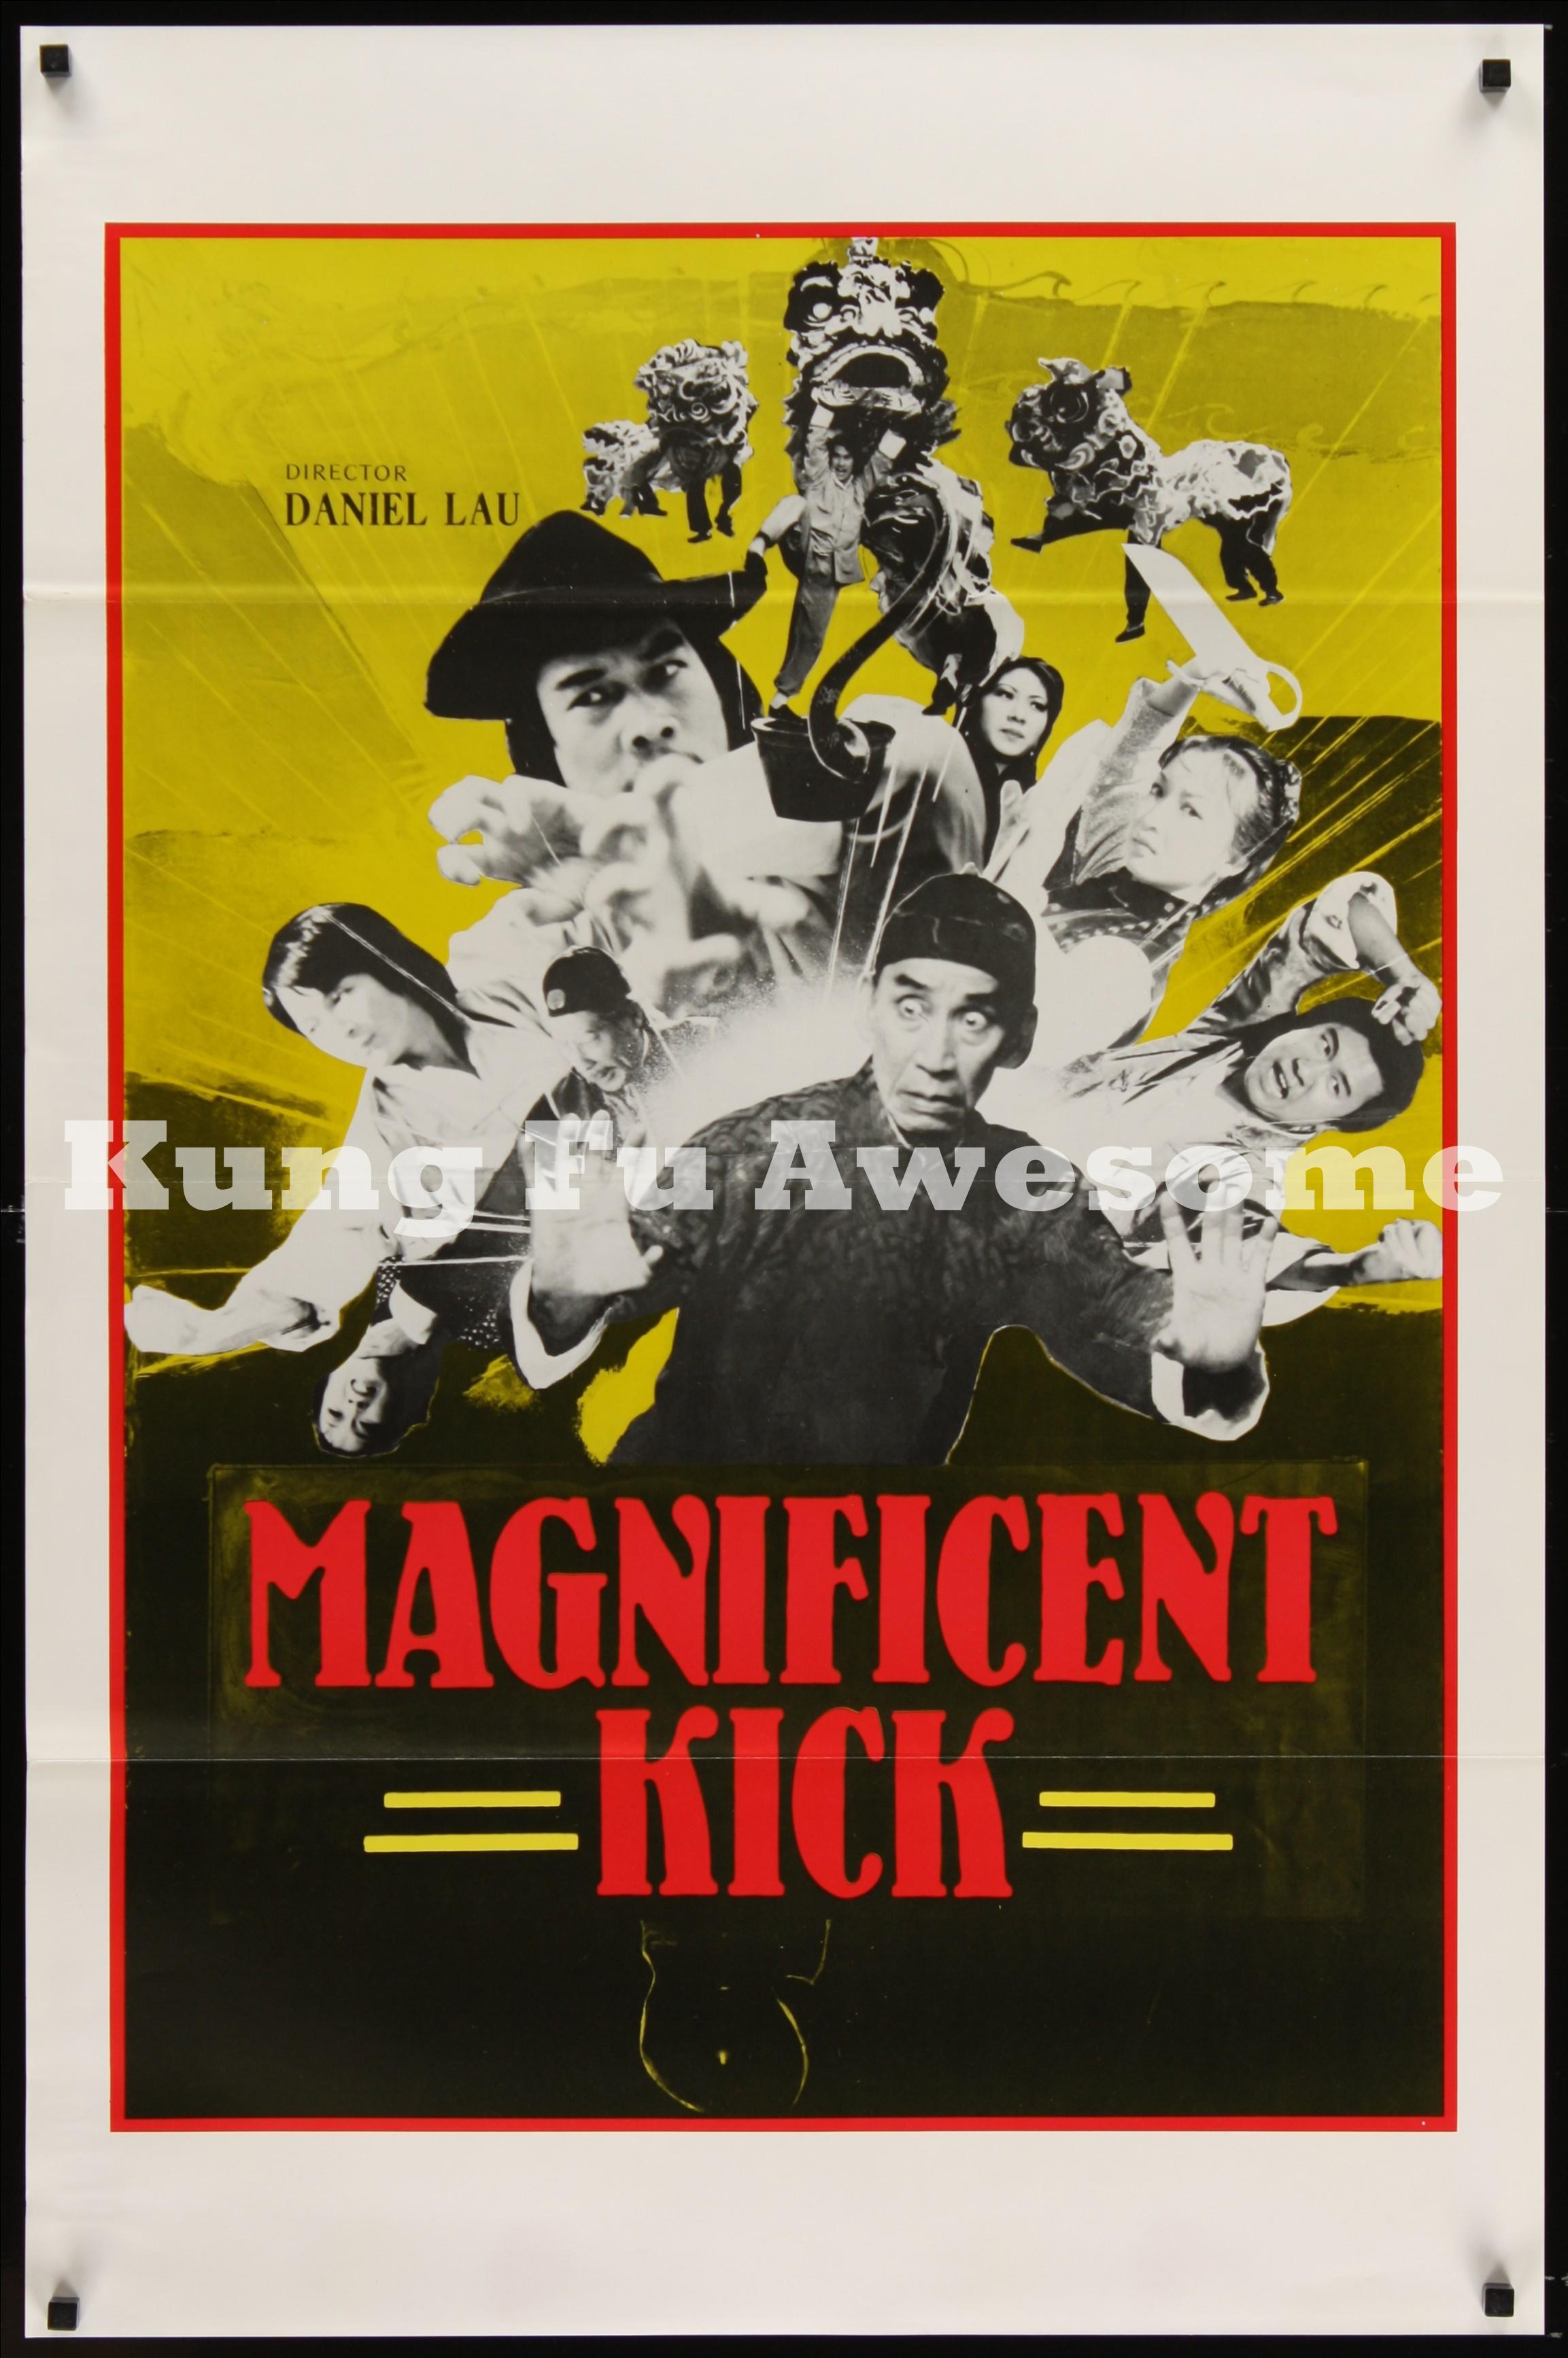 magnificent_kick_teaser_NZ03773_L.jpg